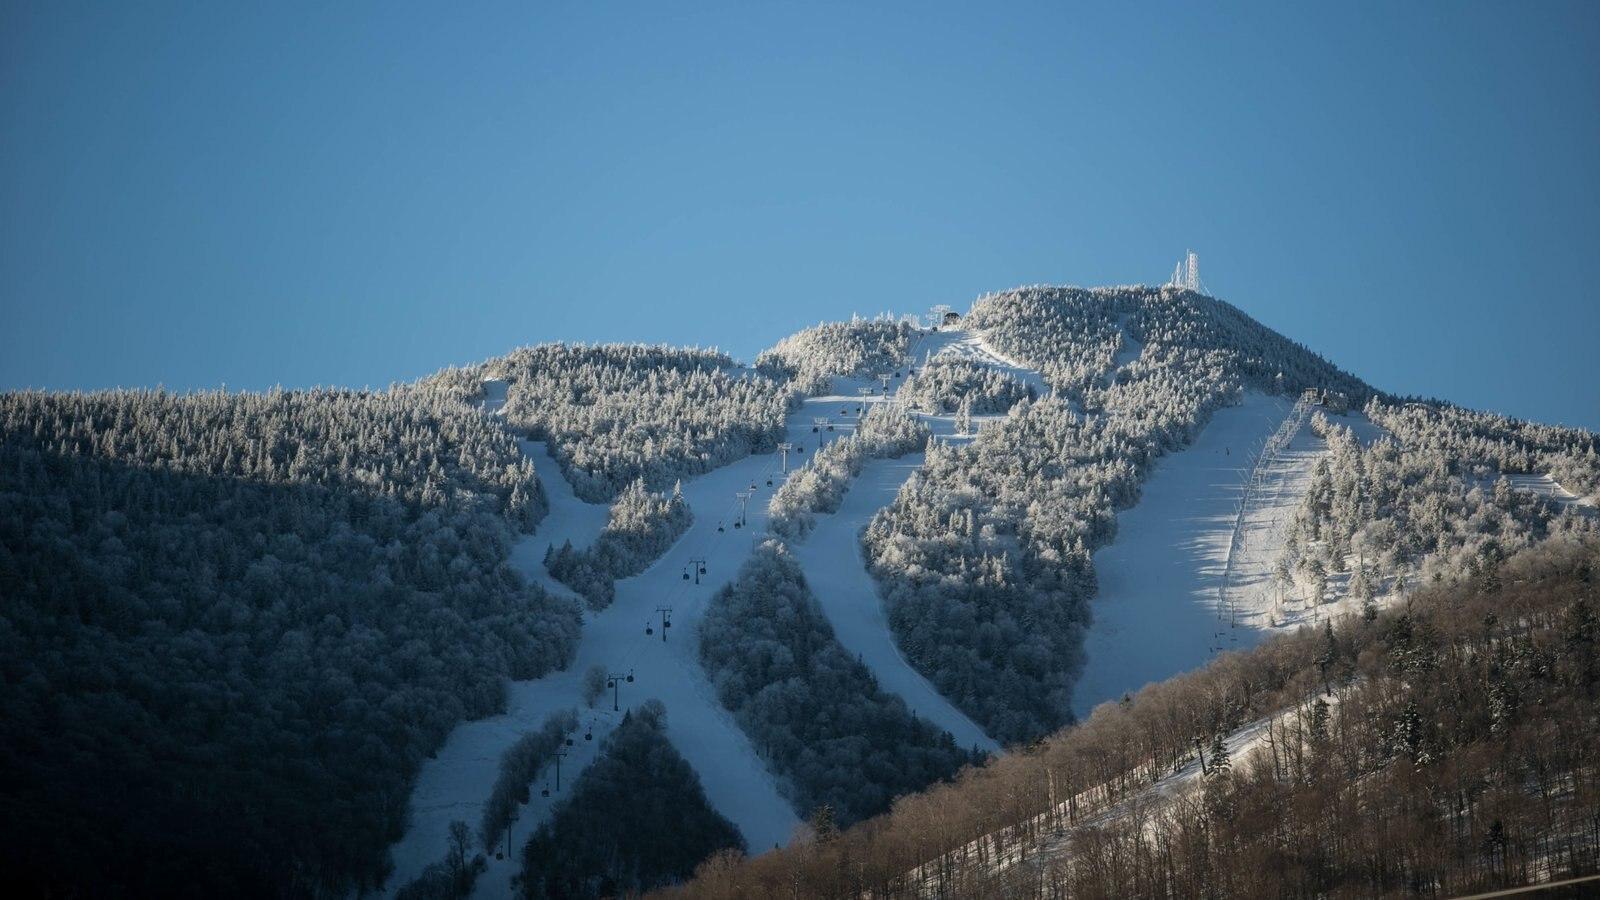 Killington Ski Resort que incluye escenas forestales, nieve y montañas